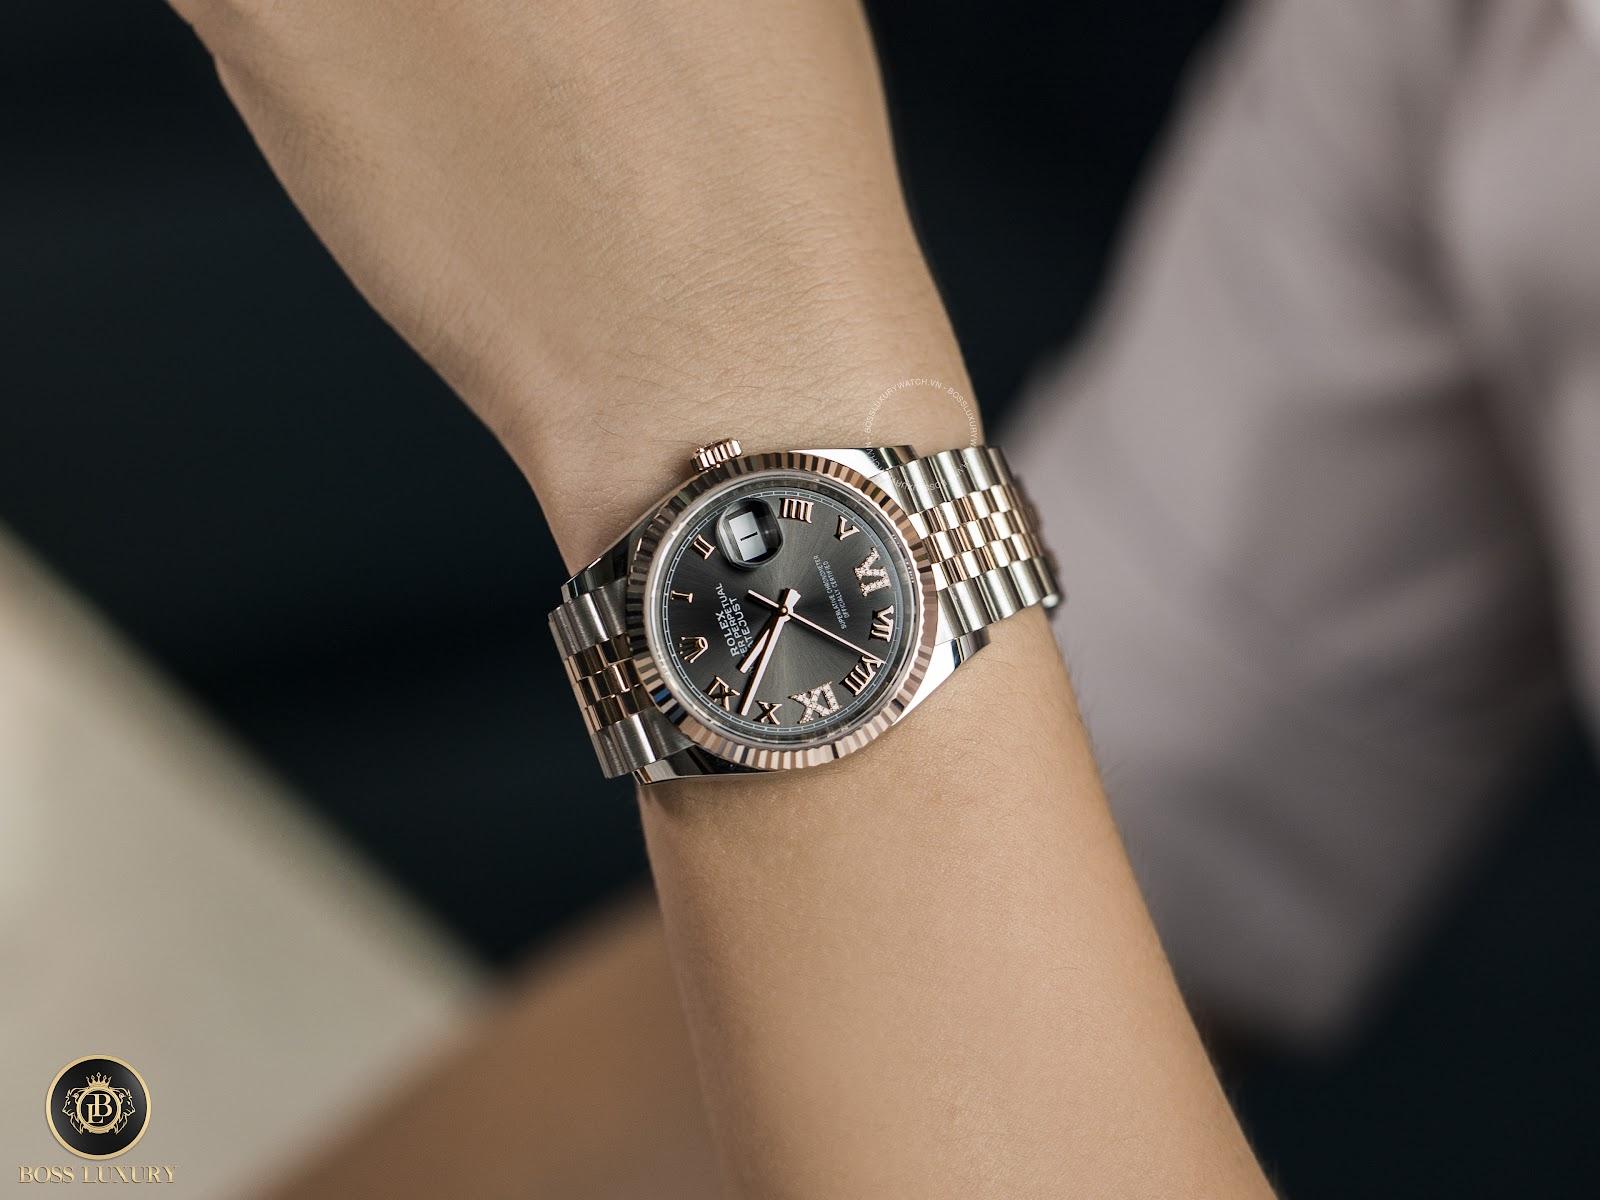 Cùng Boss Luxury cập nhật 5 xu hướng đồng hồ sang trọng không thể bỏ qua năm 2021 - Ảnh 5